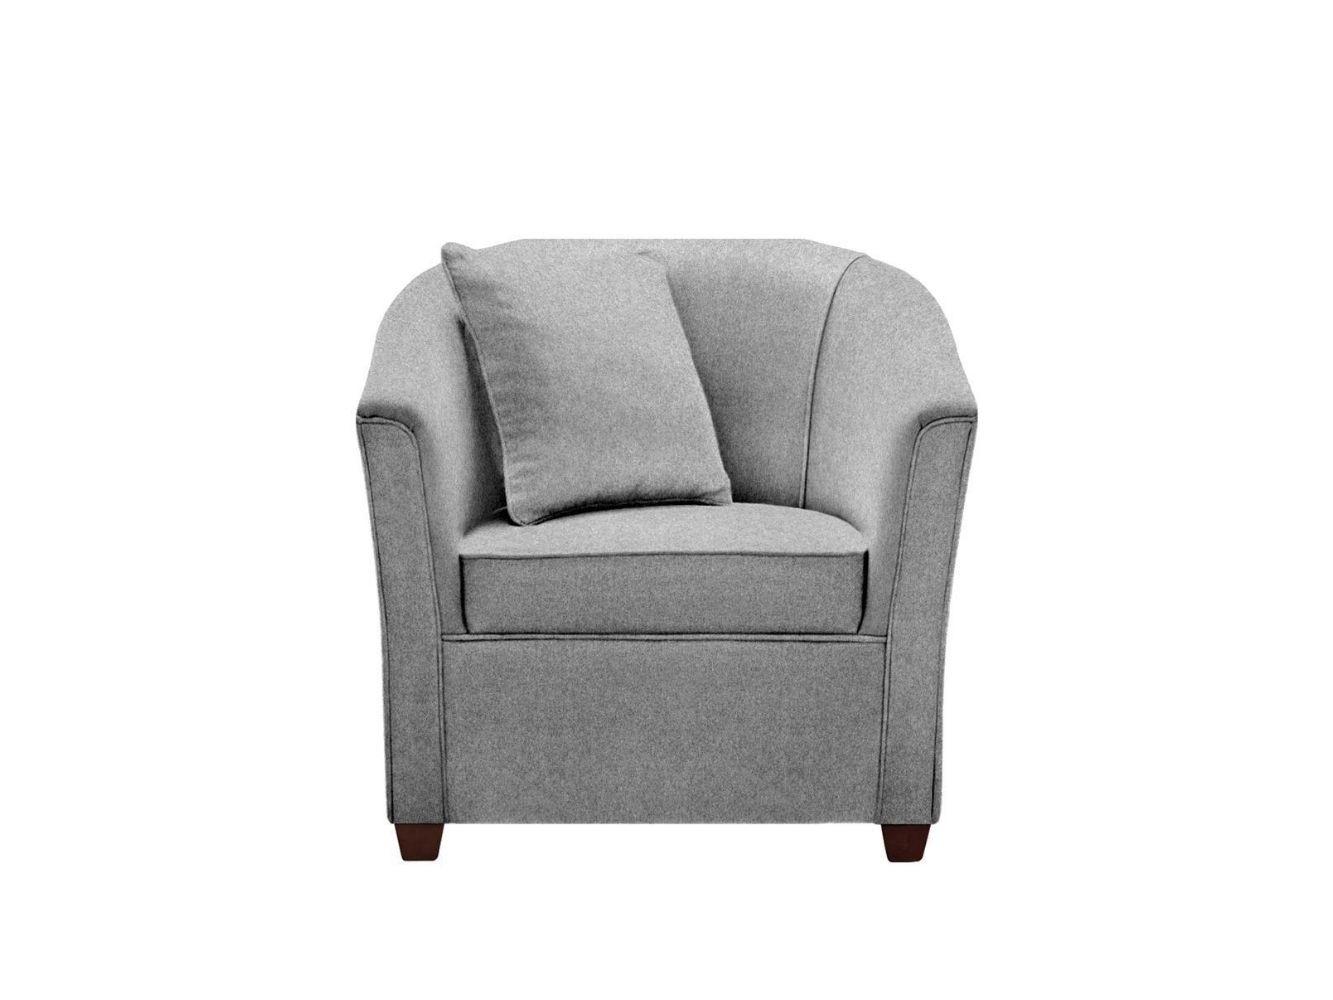 The Haselbury Armchair